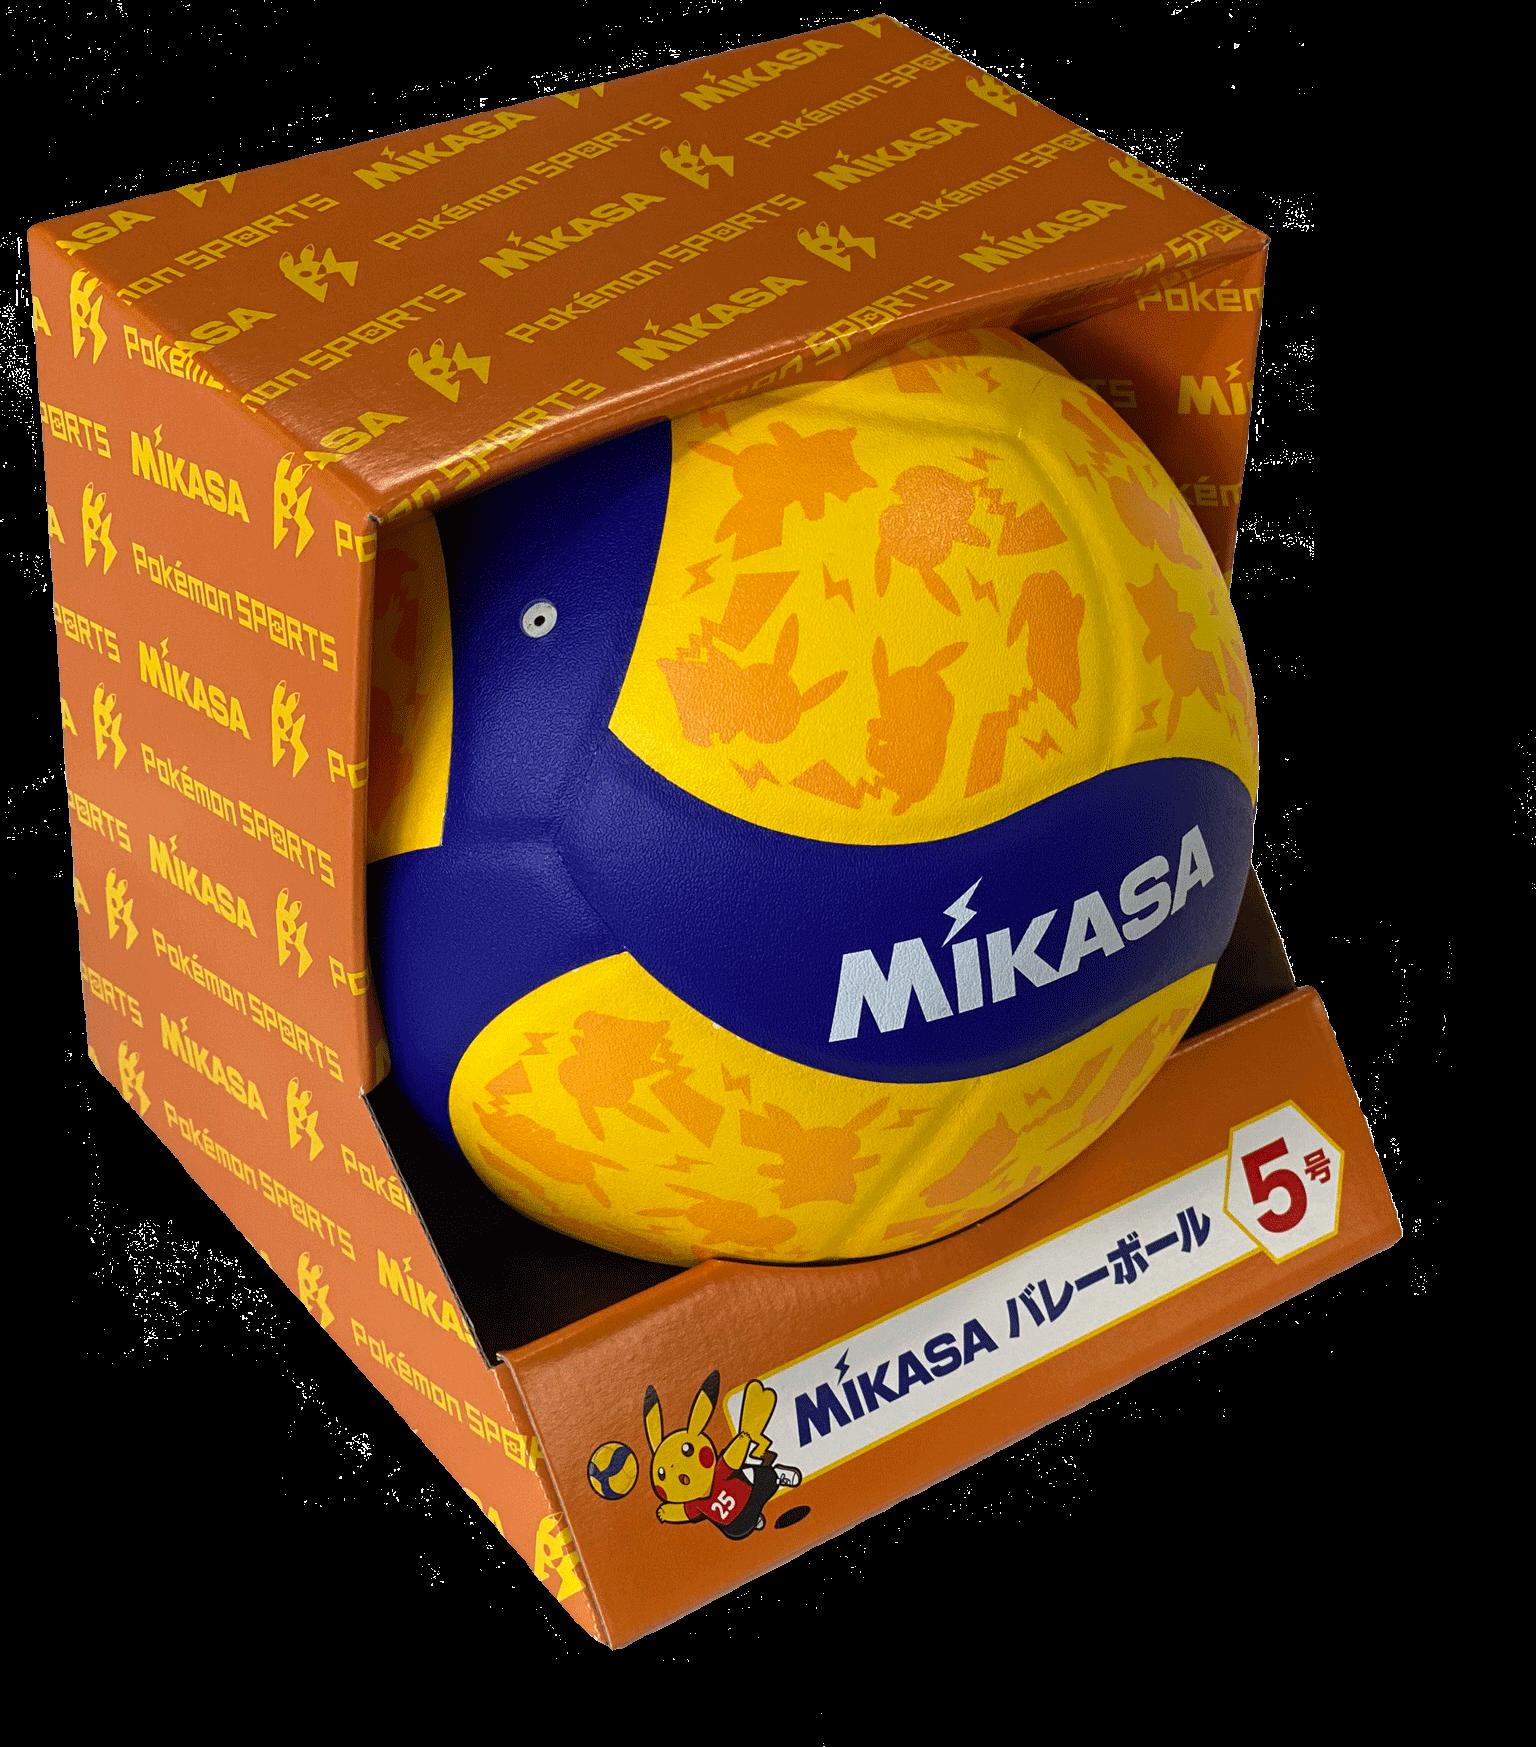 Mikasa×ポケモン『MIKASA バレーボール5号 Pokémon SPORTS』